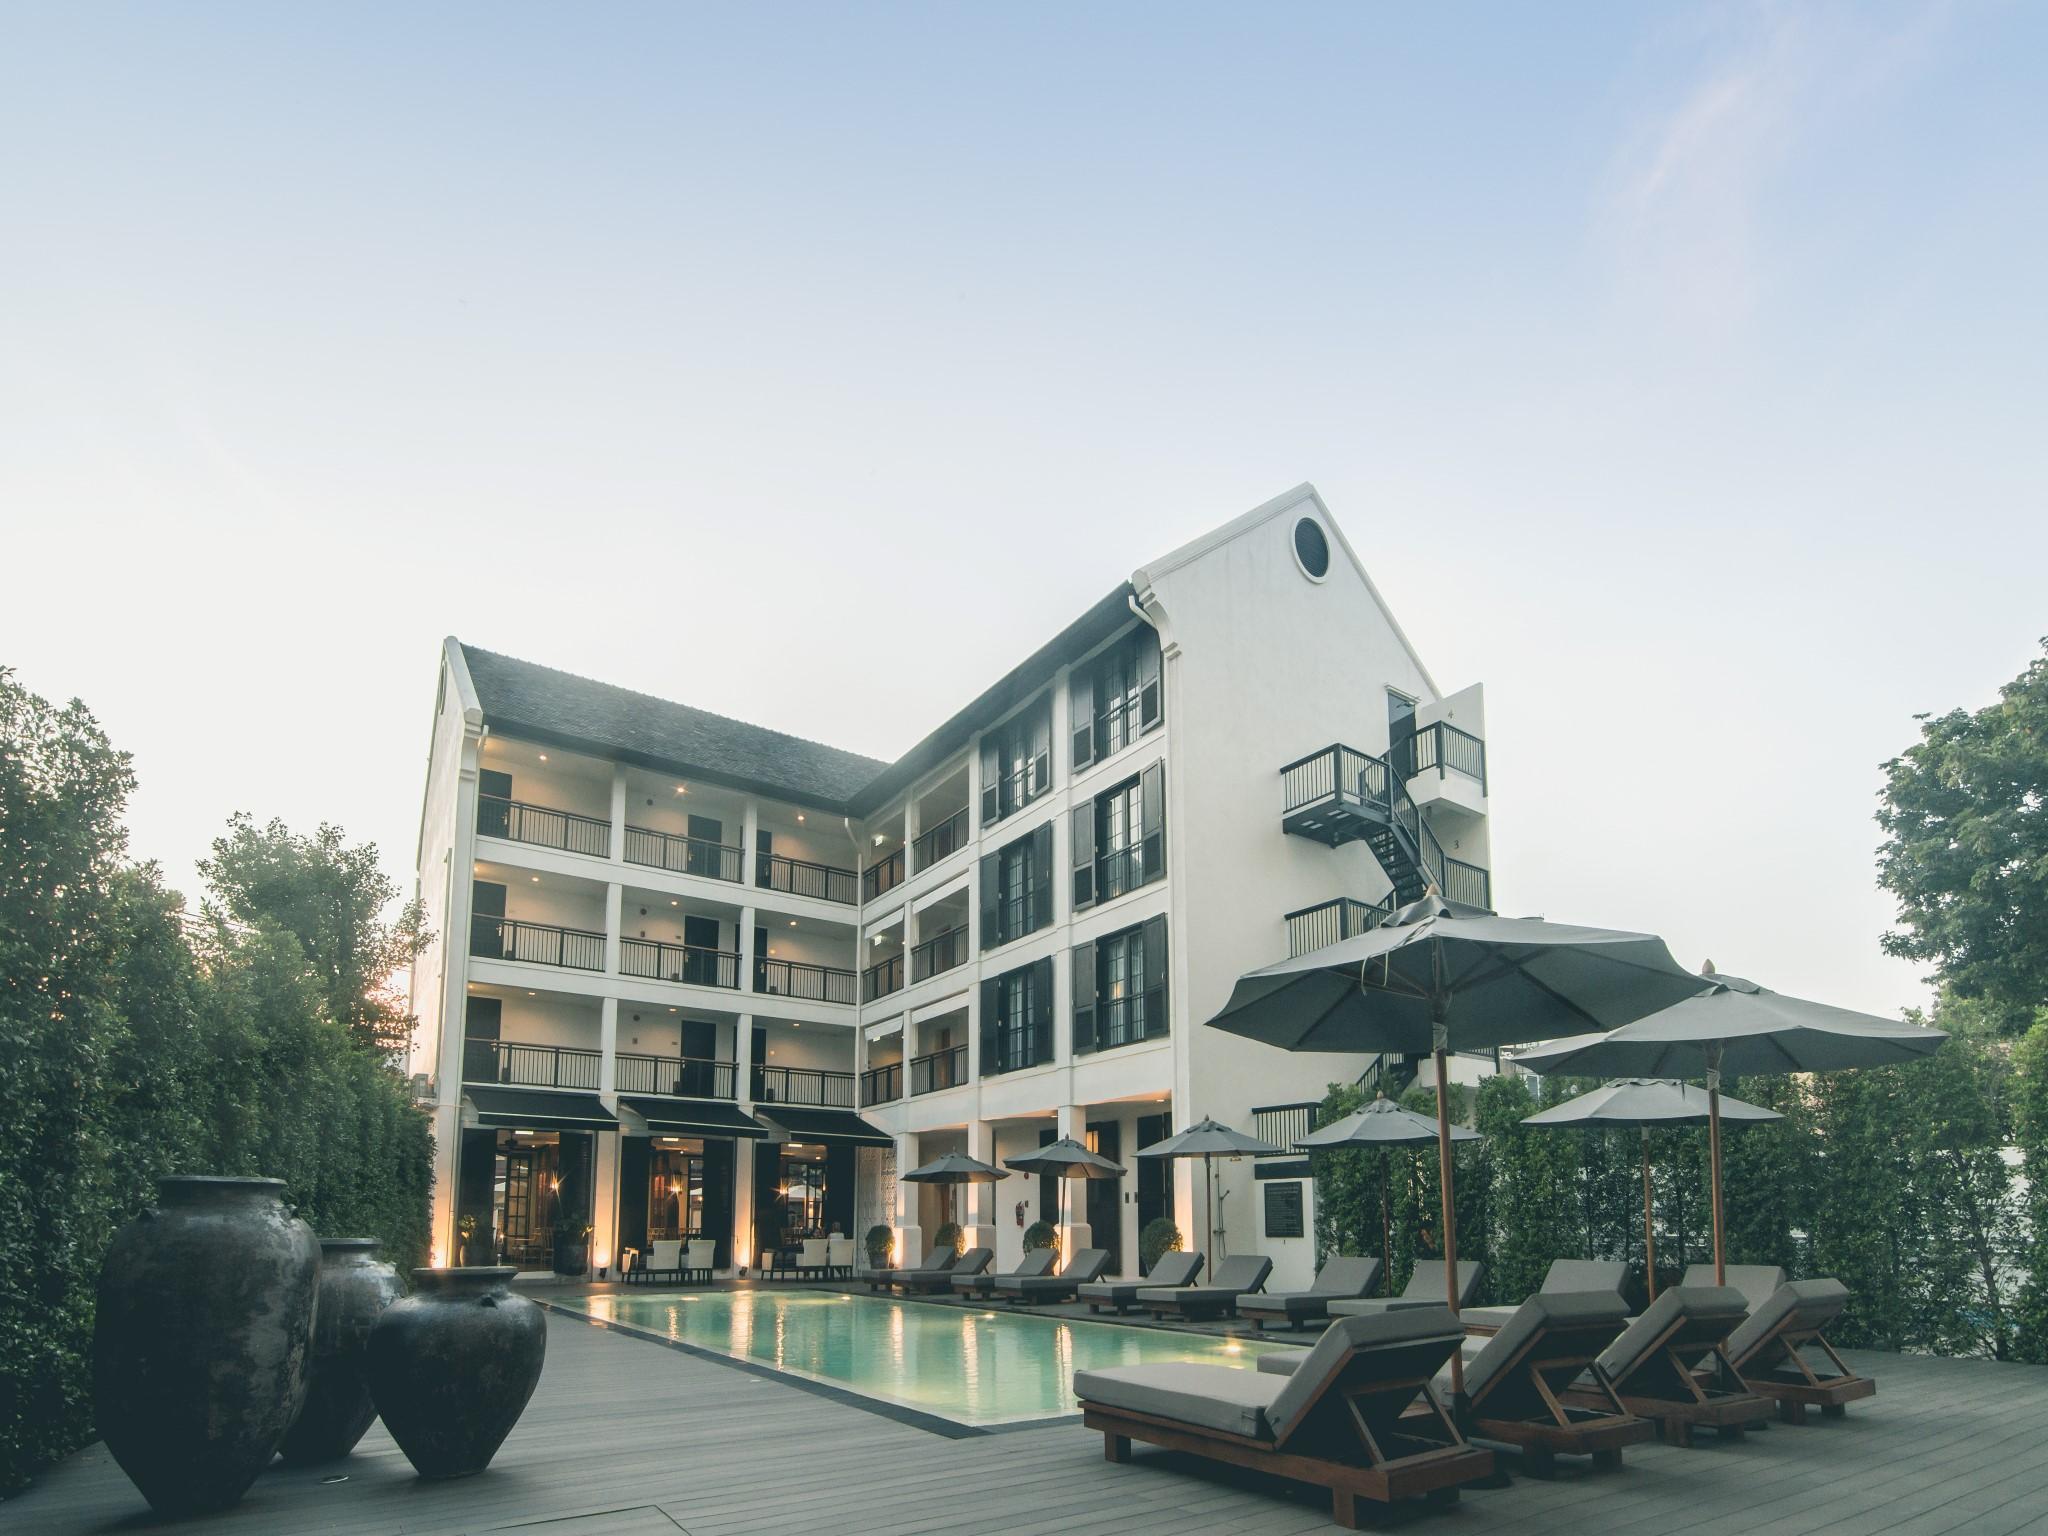 布里斯里精品酒店,บุรีศิริ บูทิก โฮเทล